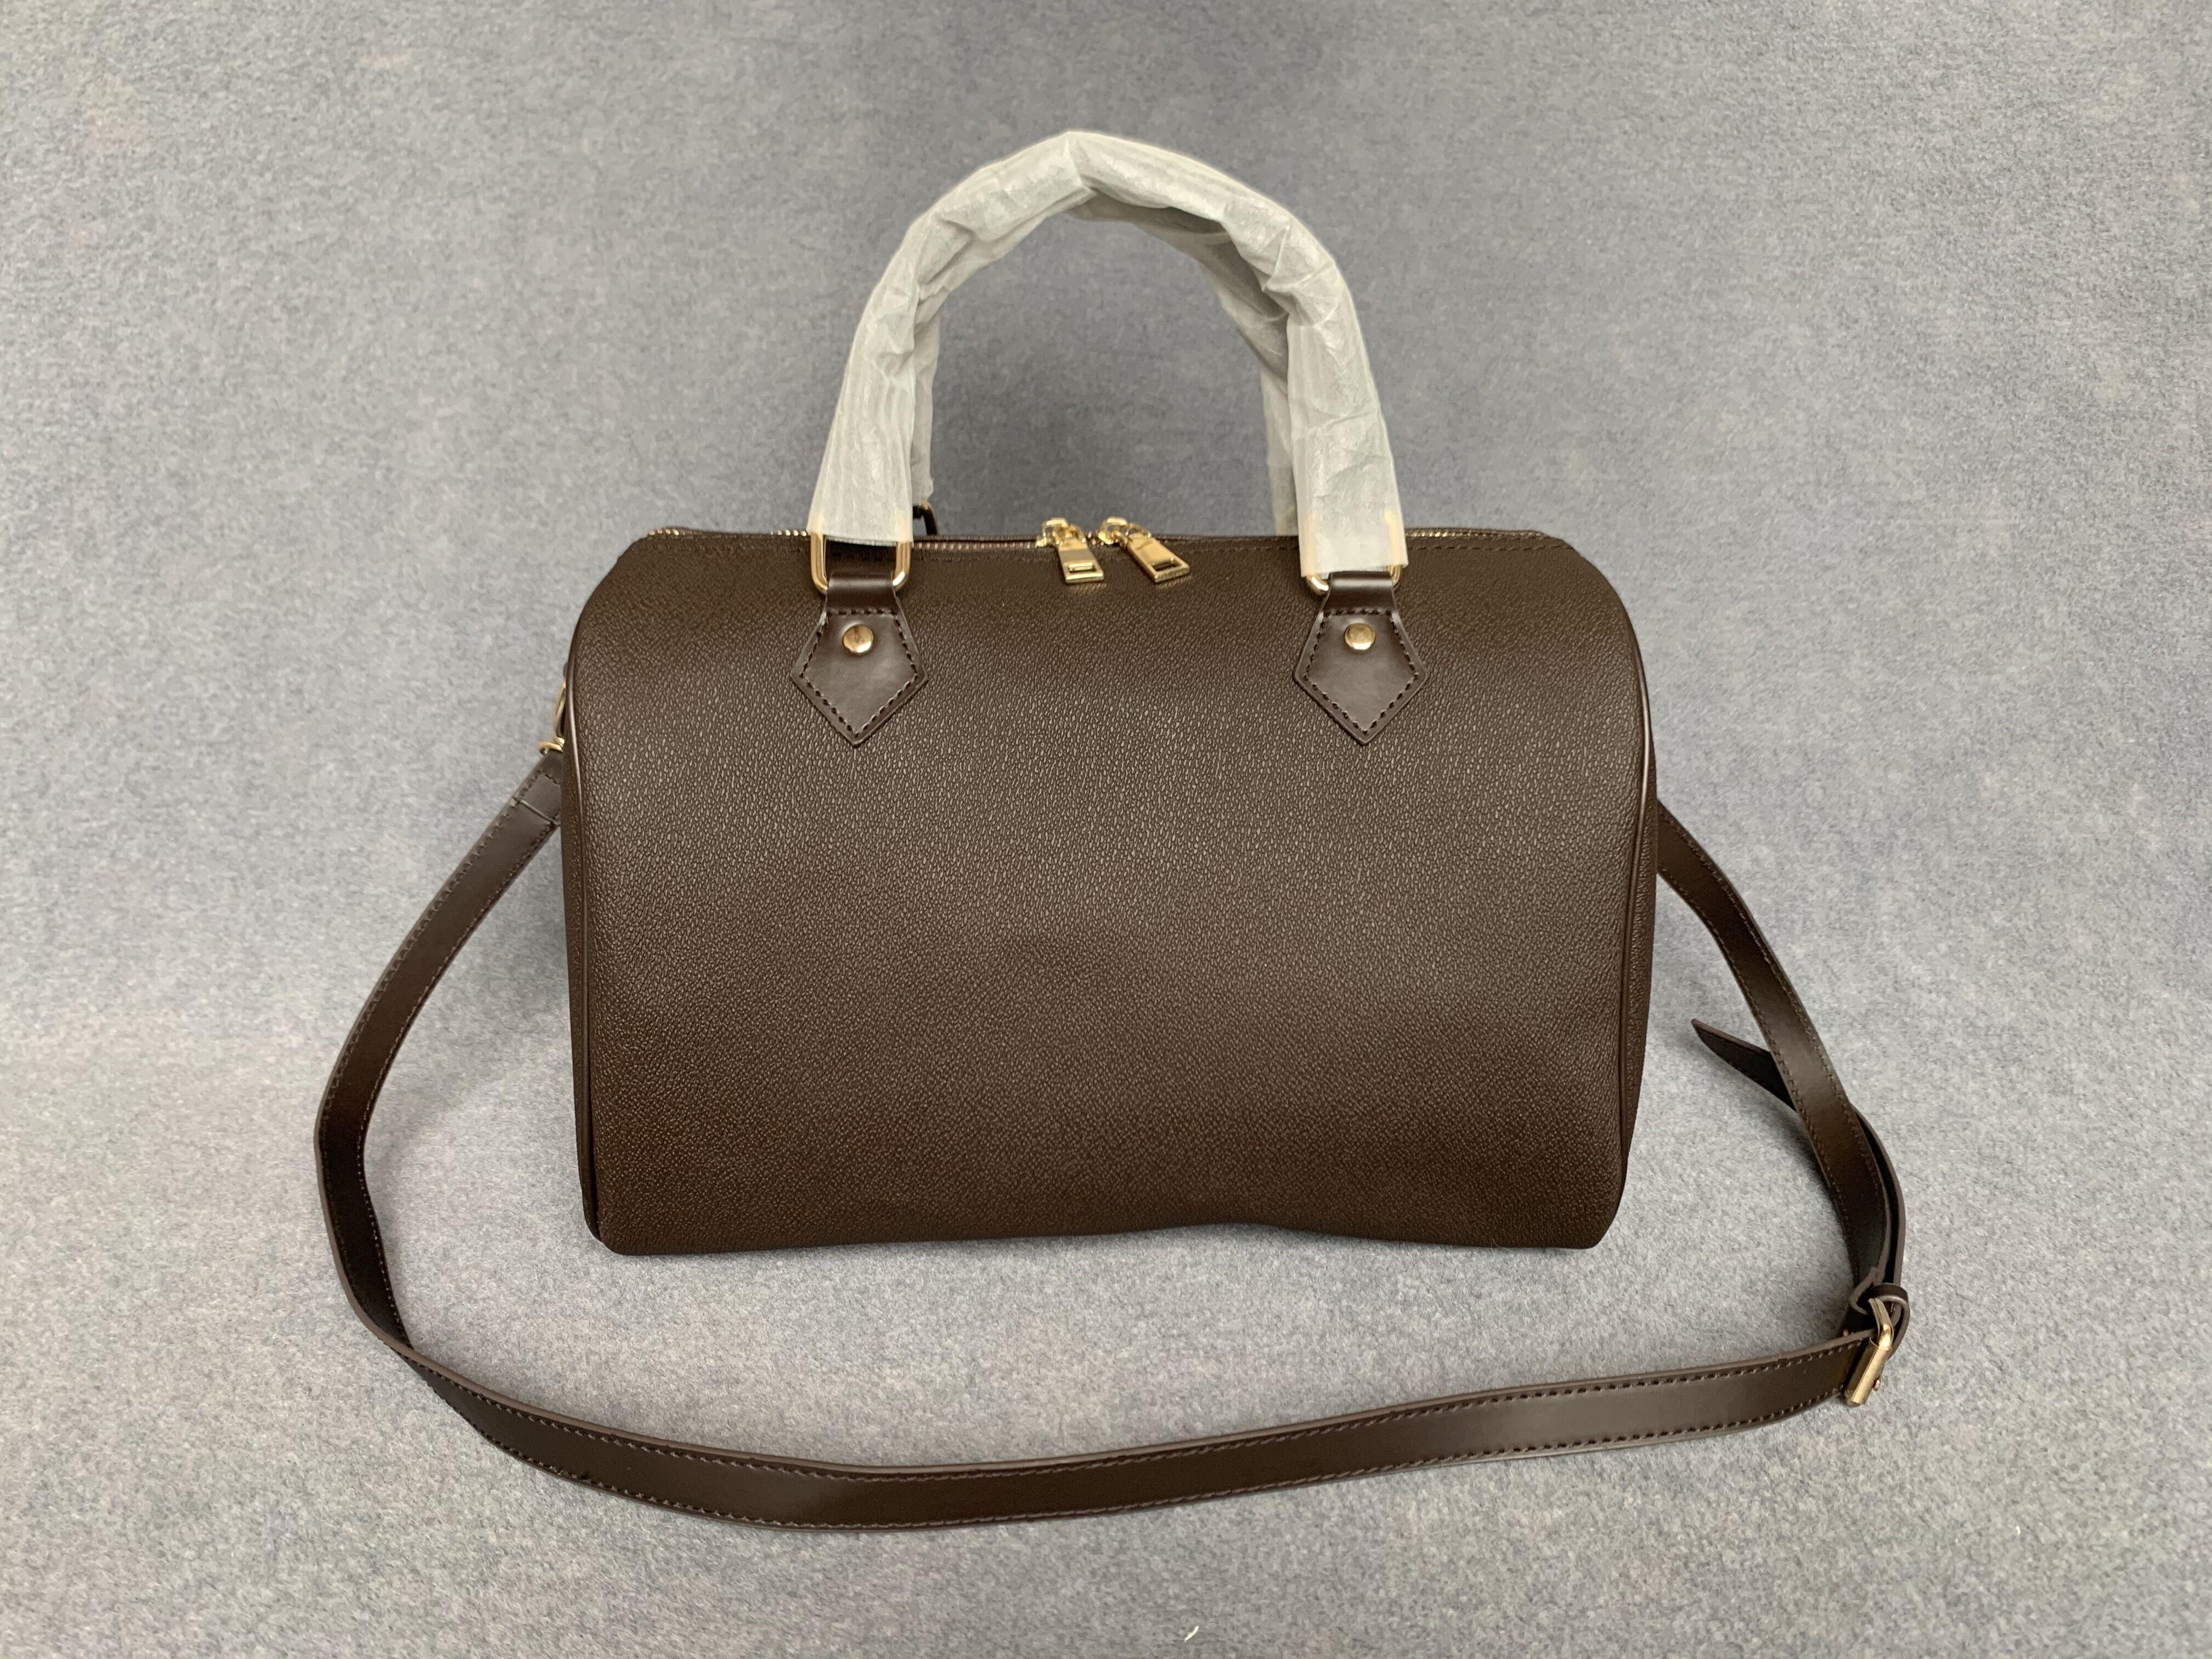 Designer Borsa Handbag Luxurys Borse di alta qualità Ladies Catena a catena Borsa a tracolla Vernice Diamond Diamond Luxurys Borse da sera Borsa a croce BODING L8824